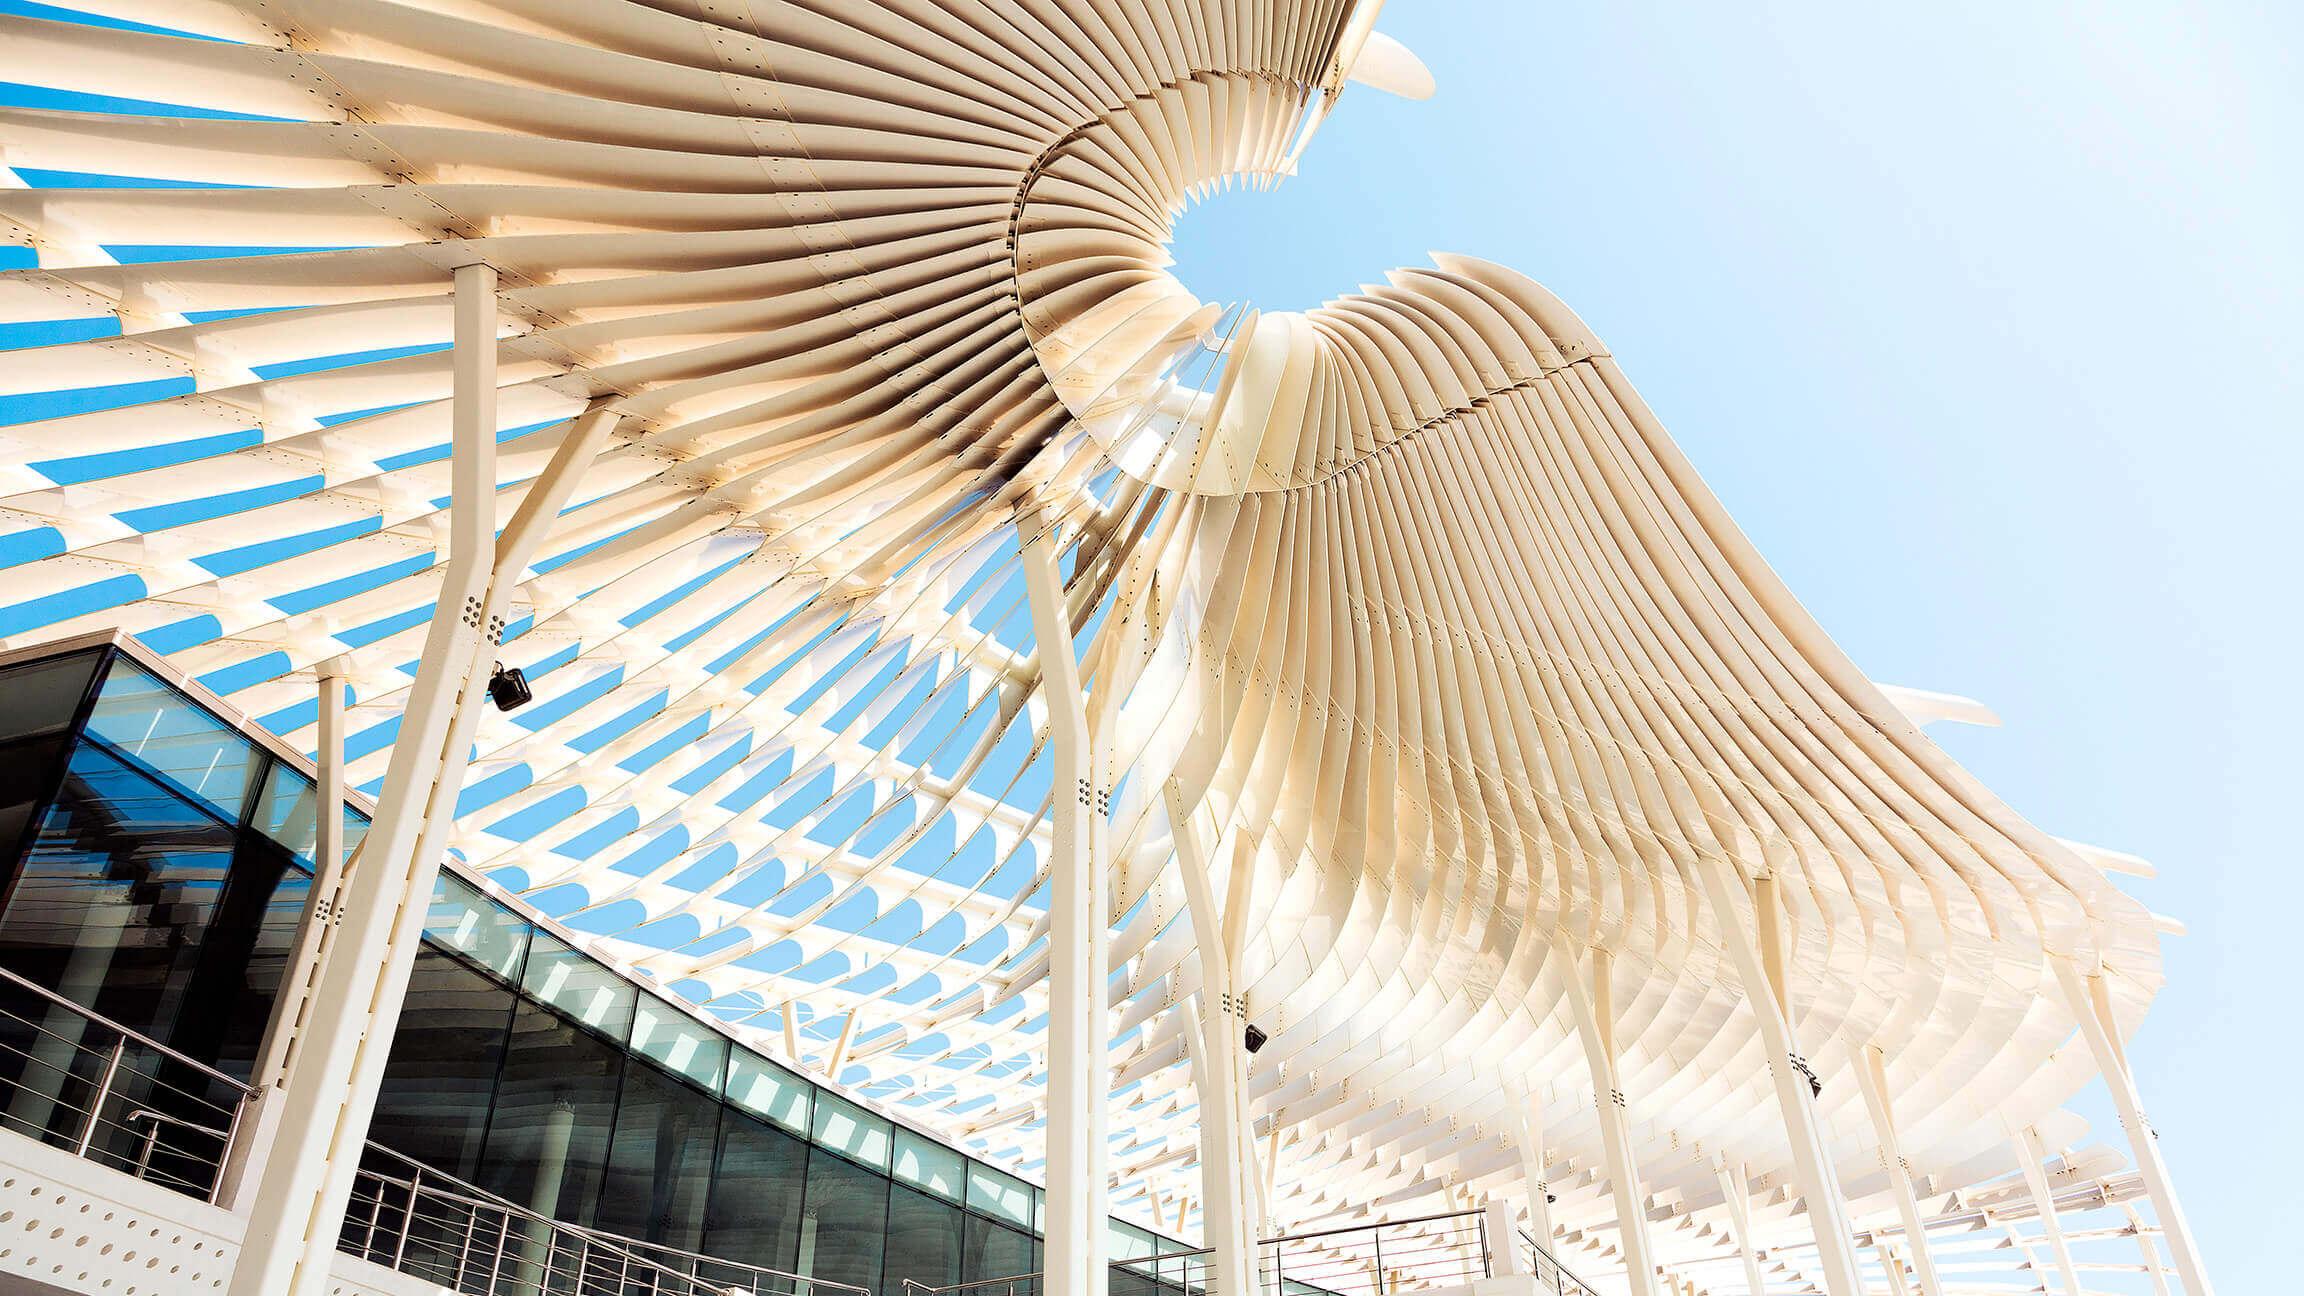 نامزدهای جایزه معماری آقاخان 2019 ostovarsazan.com